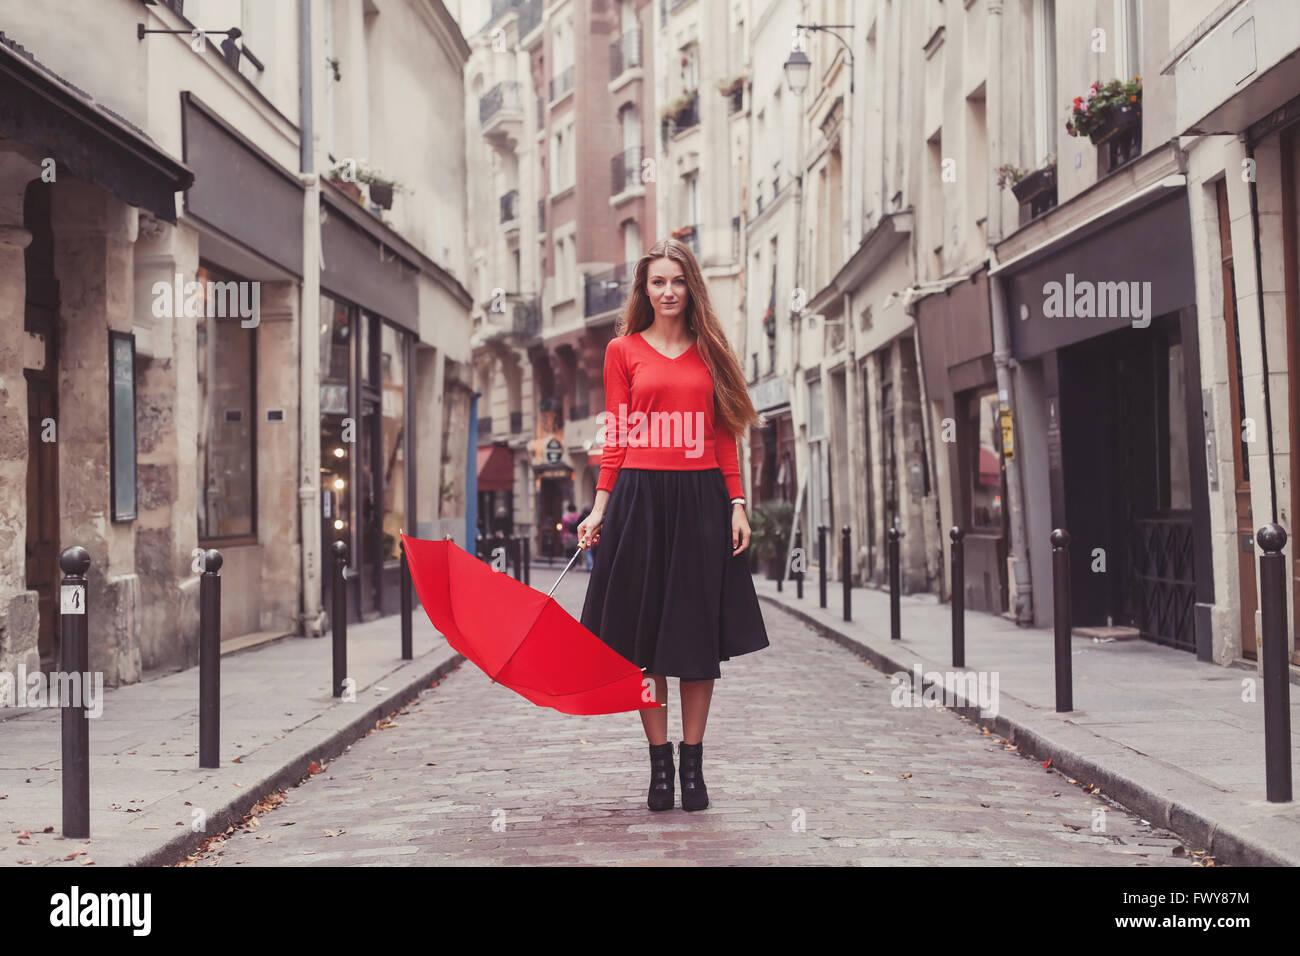 Belle femme, portrait de fille avec parapluie rouge debout sur la rue de Paris Photo Stock